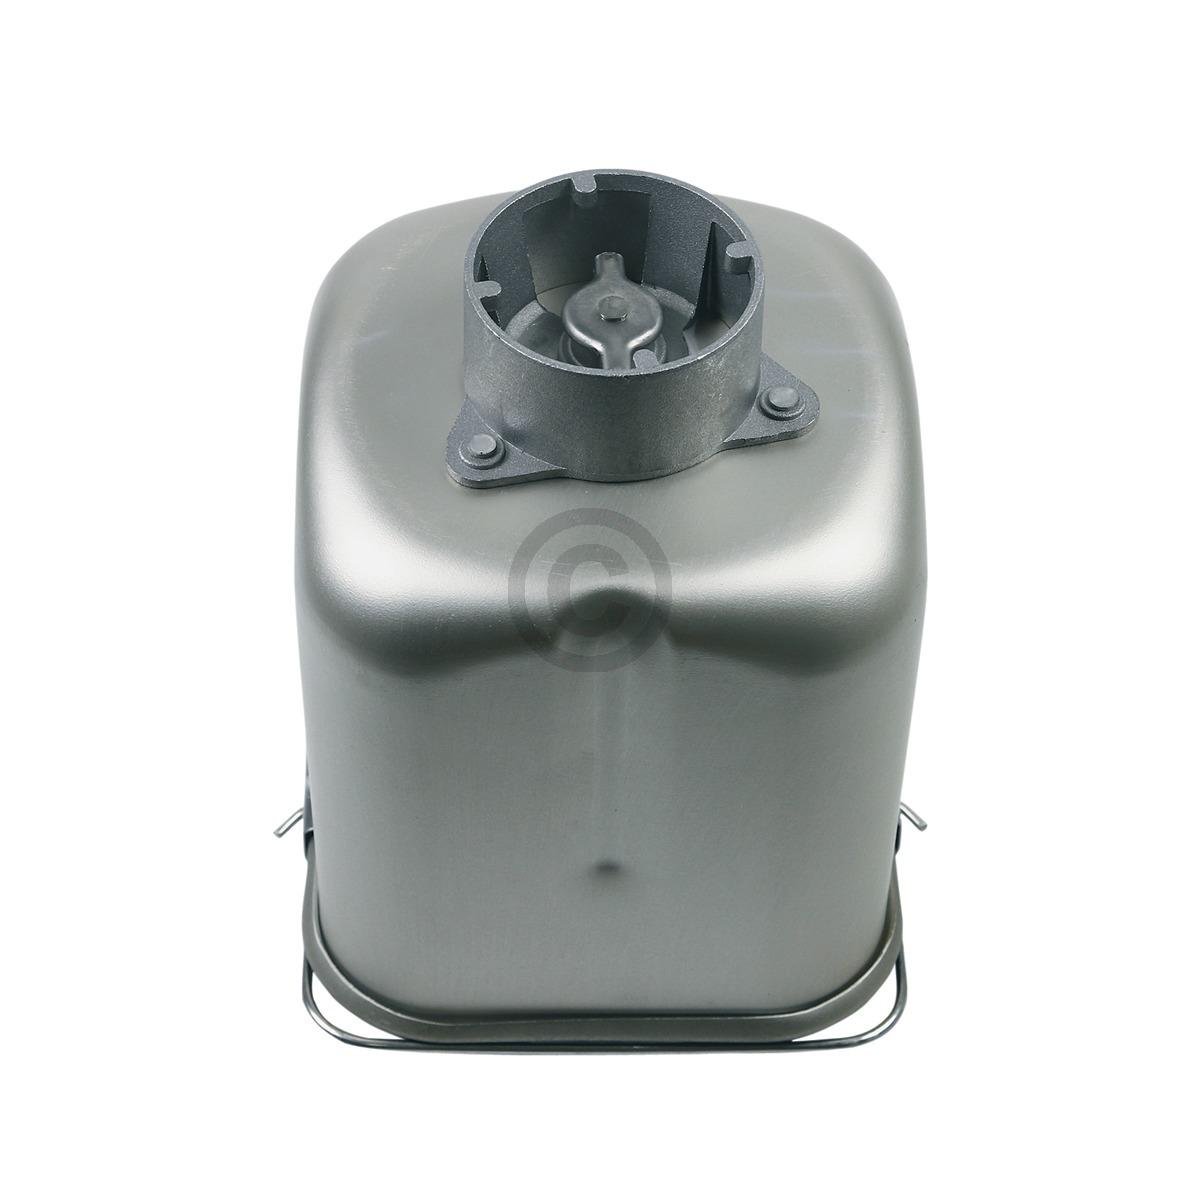 Backform für Brotbackautomaten, 162x162x190mm antihaftbeschichtet 869524 Unold